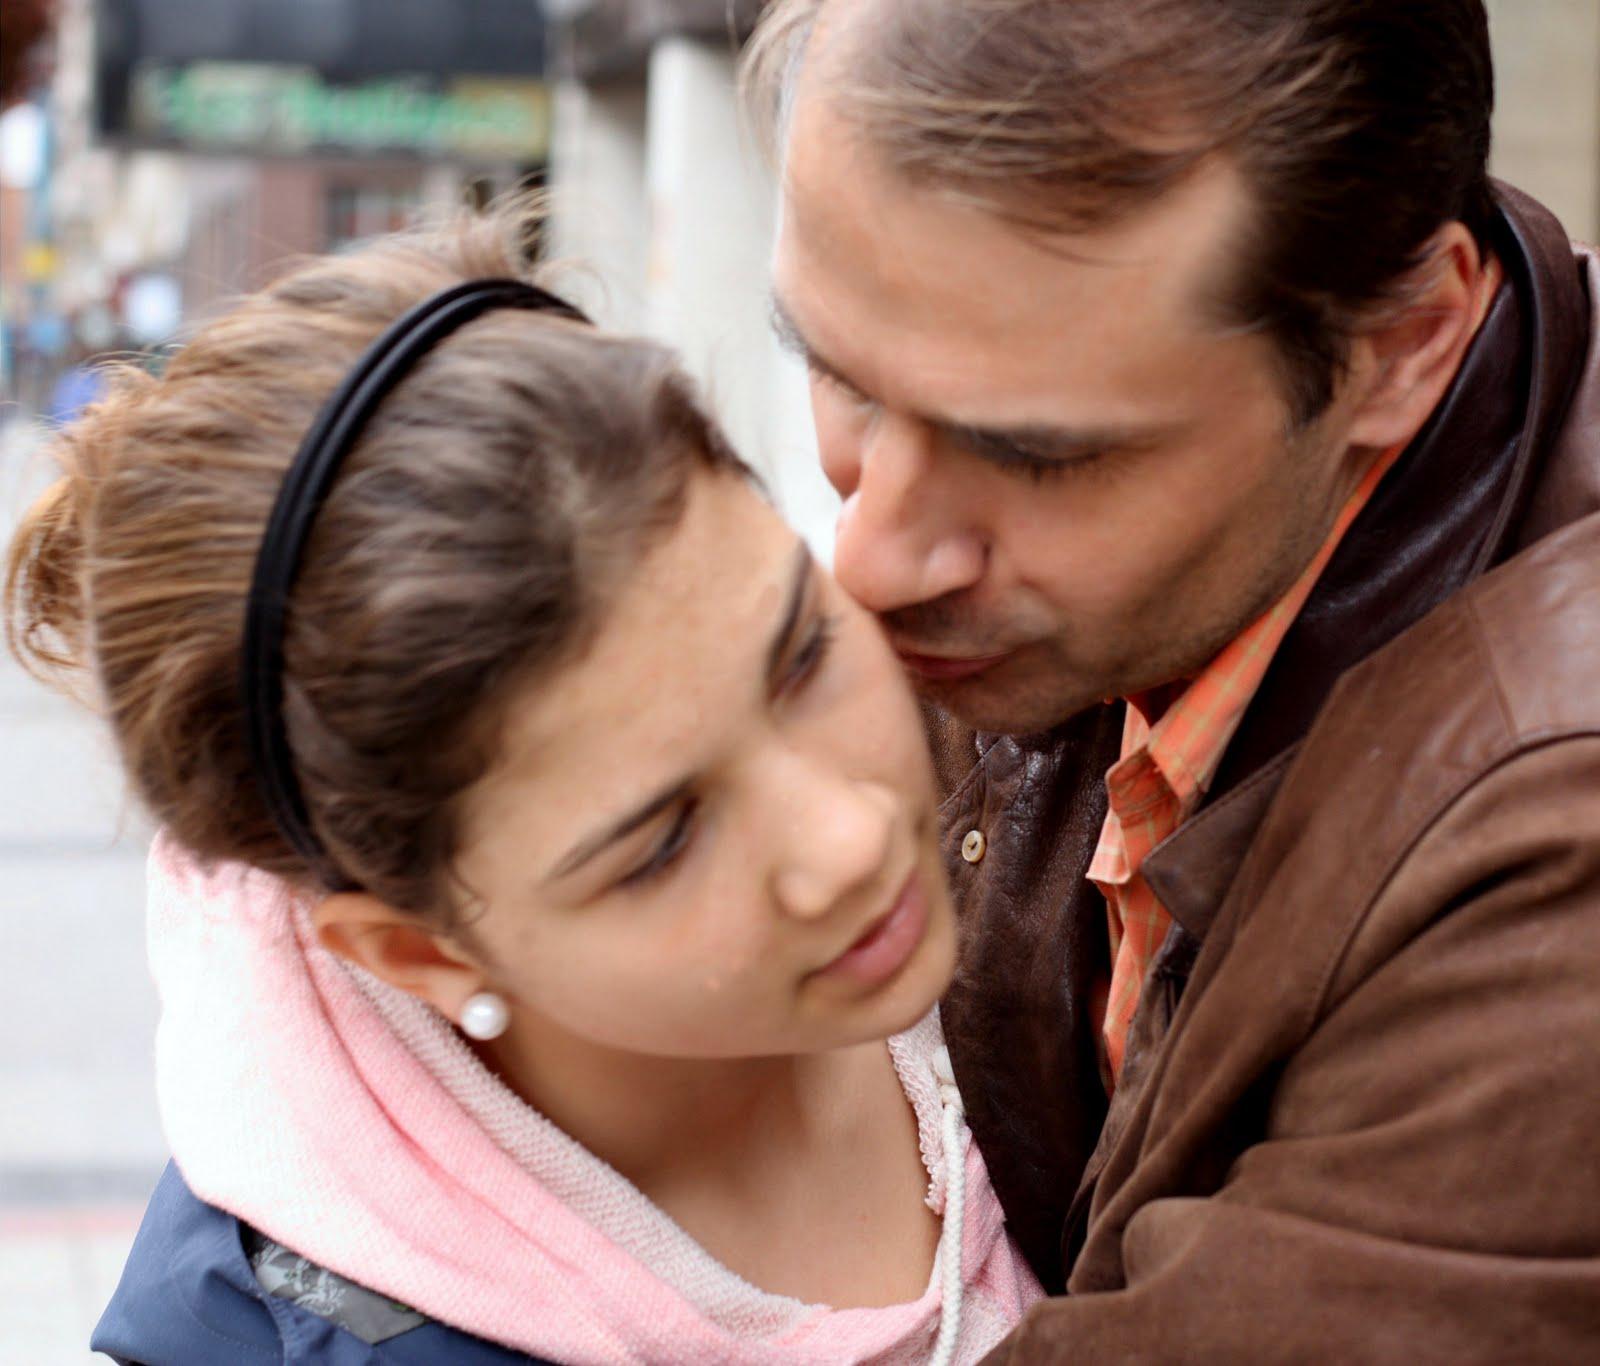 Papa coje a su hija.